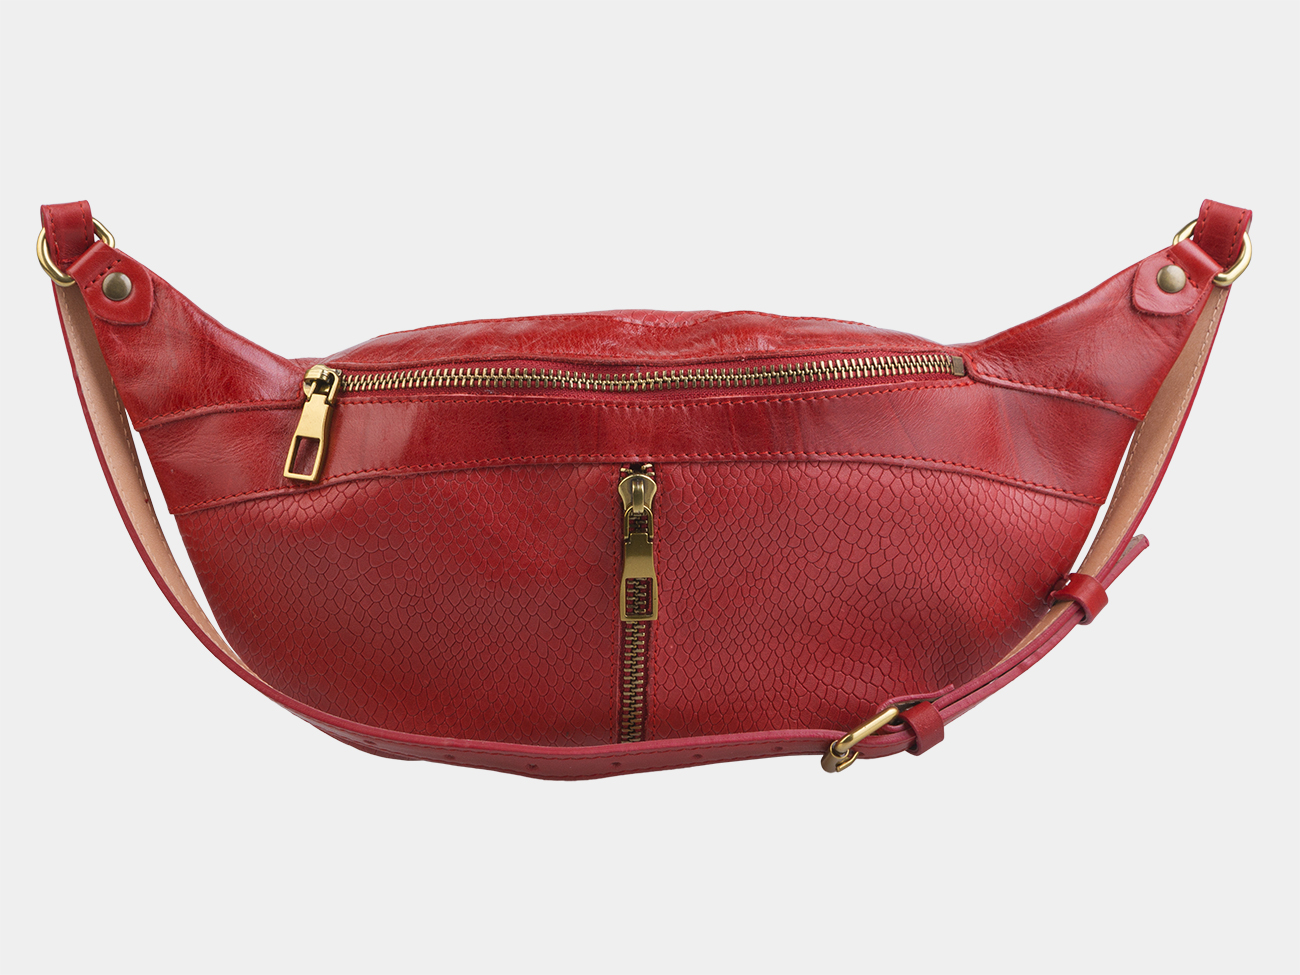 3fcdc2864a91 Купить красную кожаную женскую сумку из натуральной кожи «KB010 Red ...